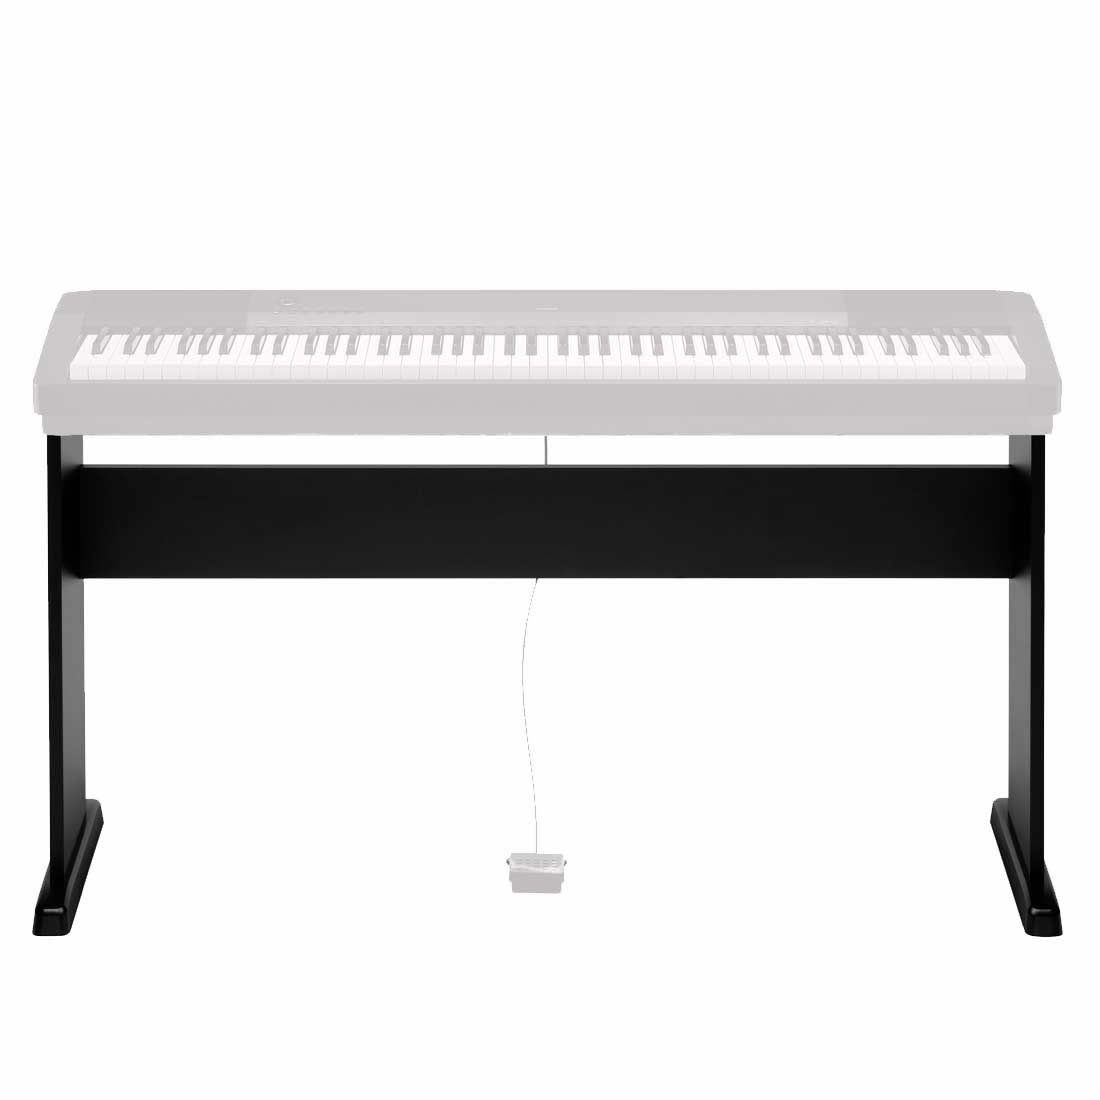 Suporte CASIO Piano Linha CDP CS-44P BK Preto